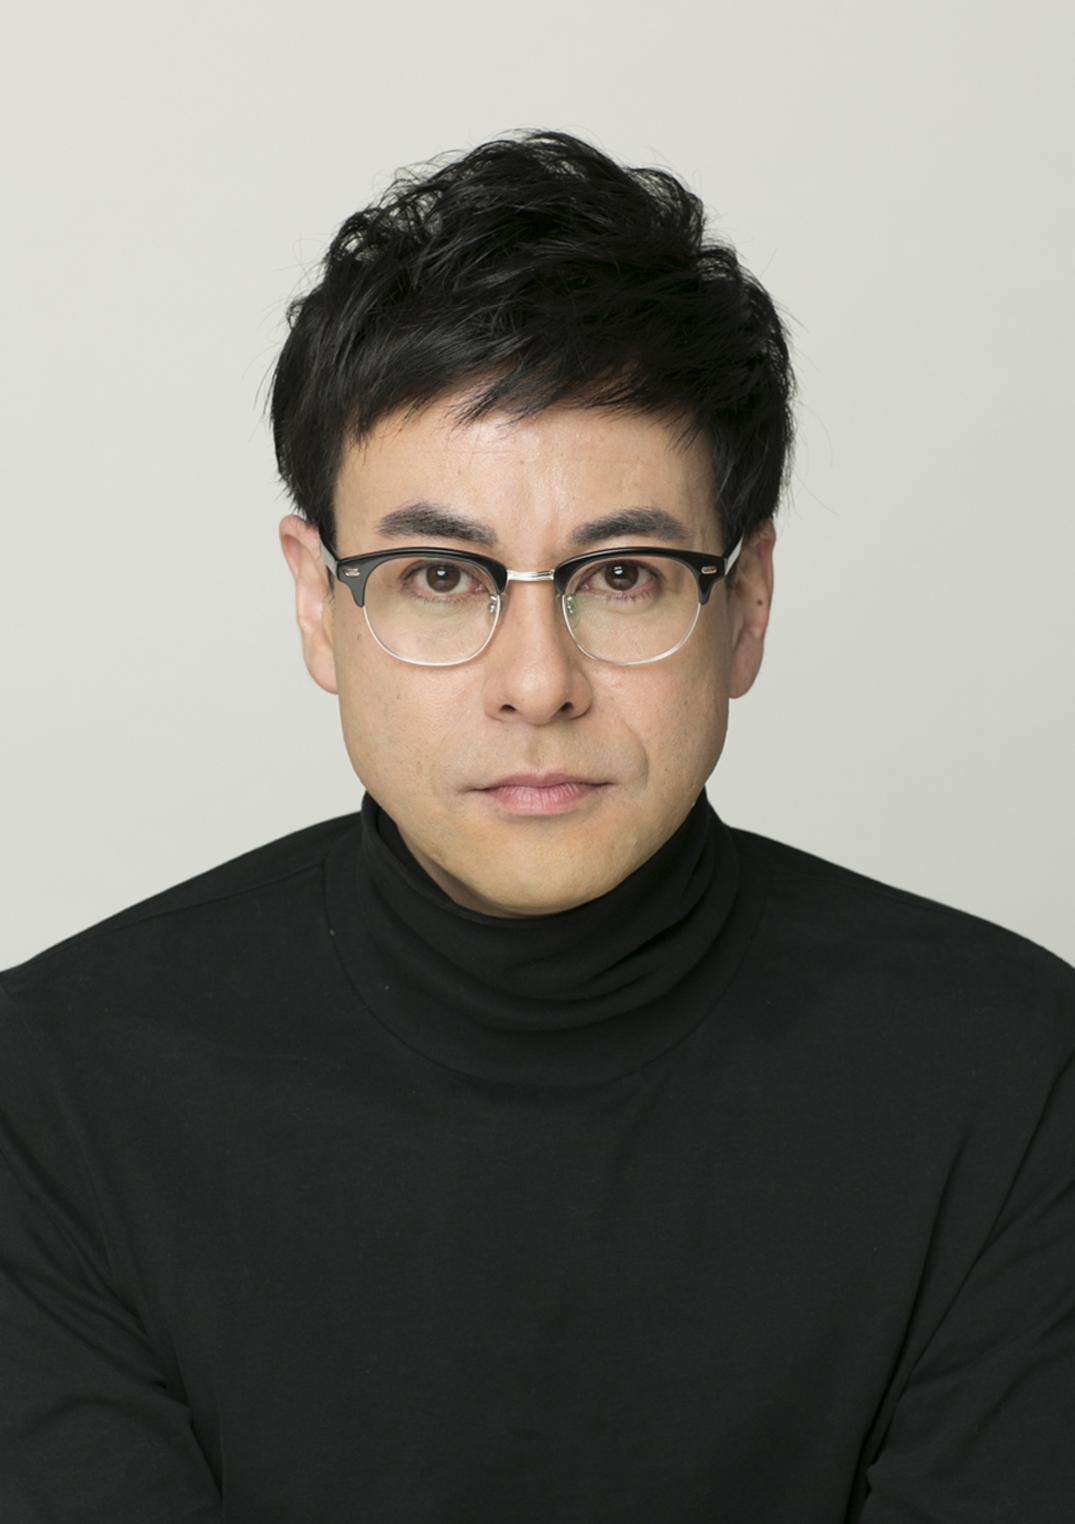 鈴木浩介 - 舞台『密やかな結晶』